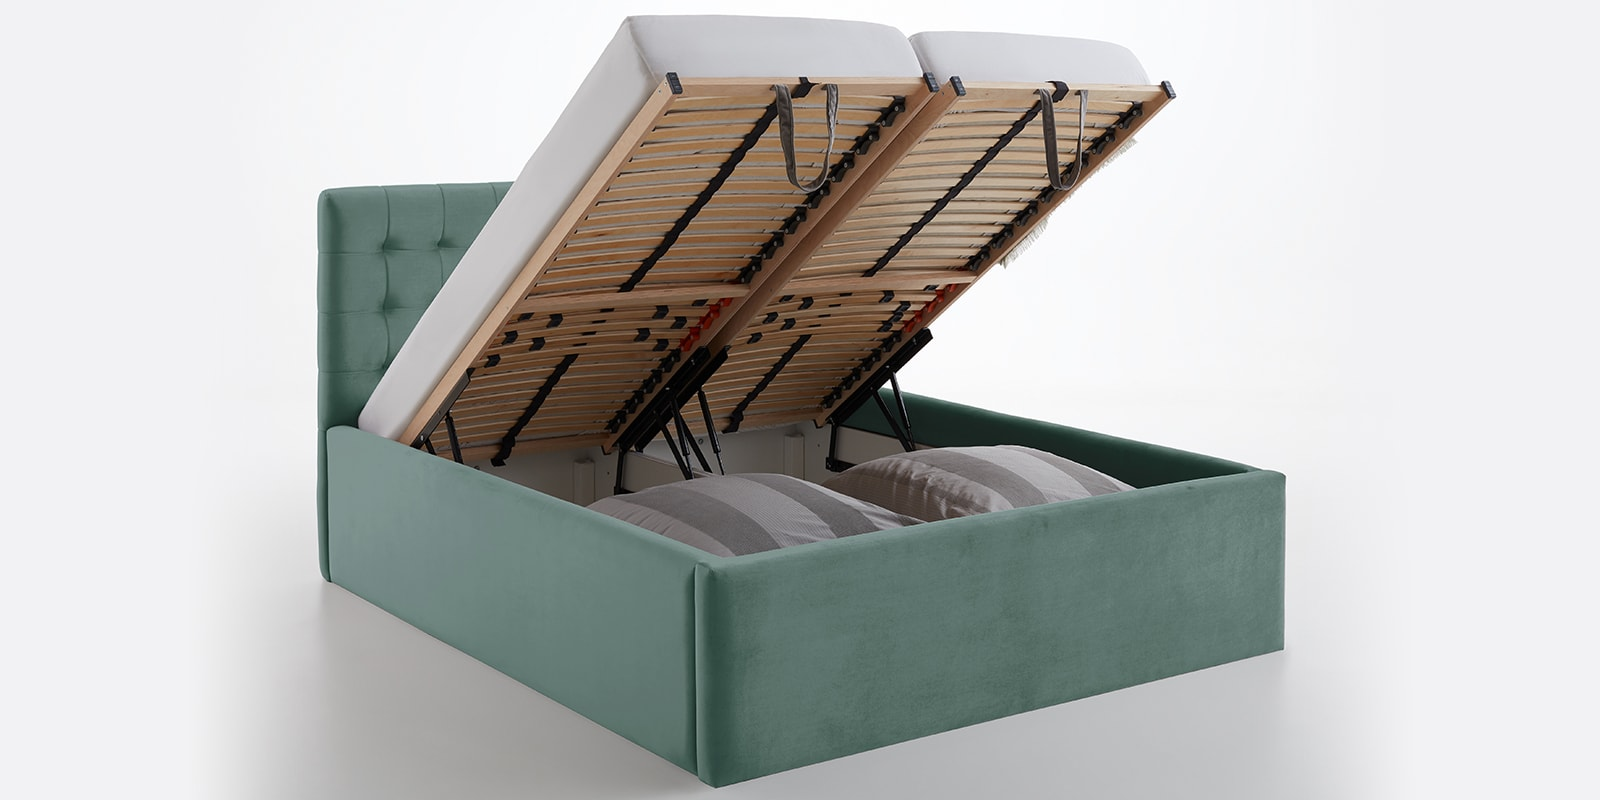 Moebella24 - Bett - mit - Bettkasten - Molly - Smaragd - Mint - XXL-Bettkasten - Bettkasten - und - Lattenrost - vormontiert - Kopfteil - mit - Steppungen